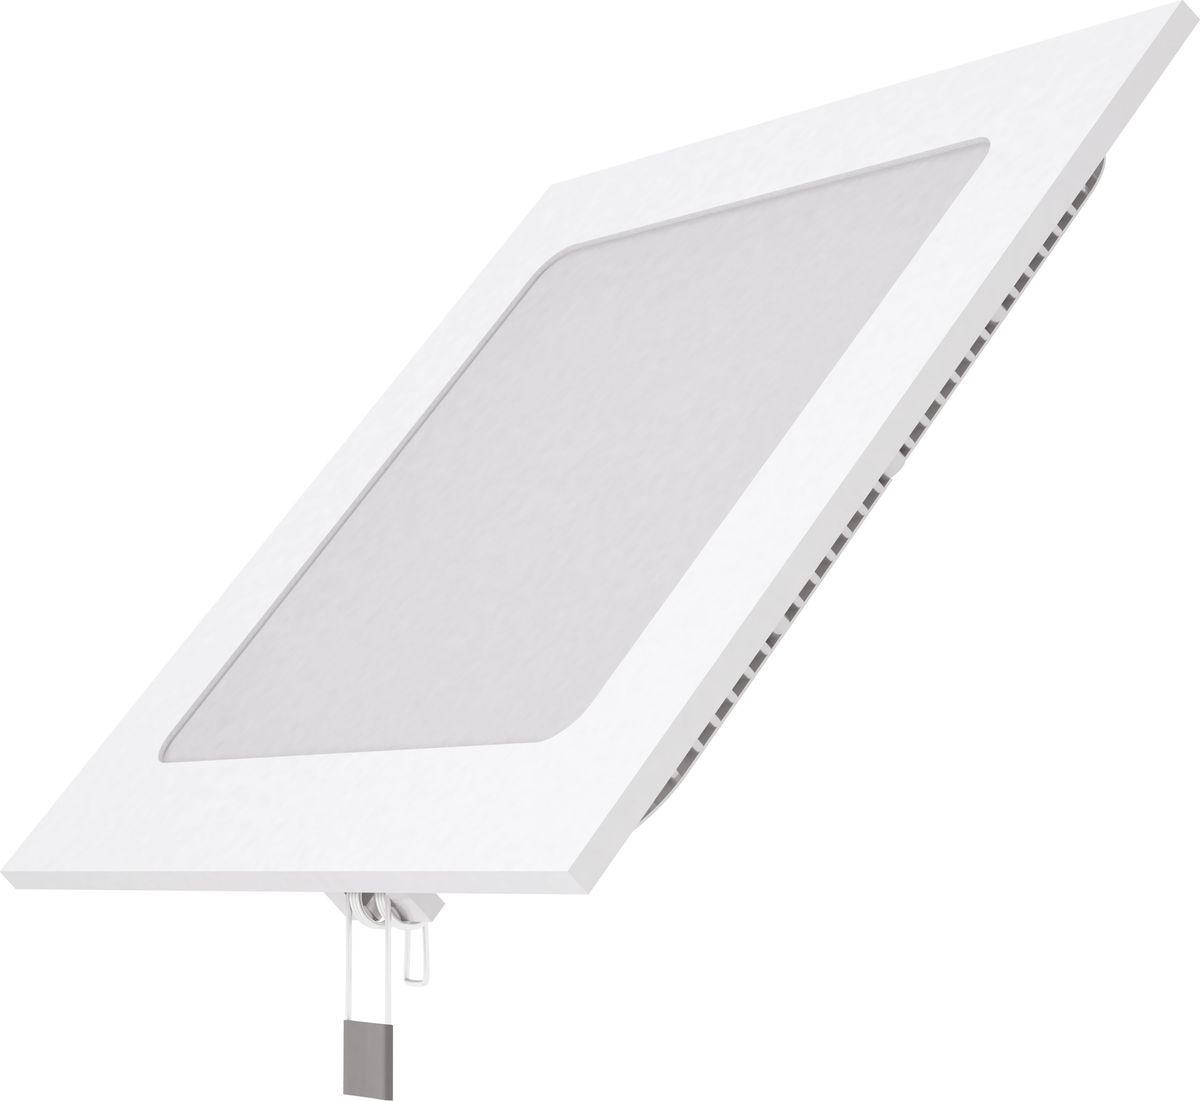 Встраиваемый светильник Gauss Slim ультратонкий, 940111215, IP20, 15W, 4100K, 1100Лм, 1/20940111215Встраиваемый светодиодный светильник Gauss - рекомендуется для оформления потолочного освещения в квартирах, офисных учреждениях и зданиях.